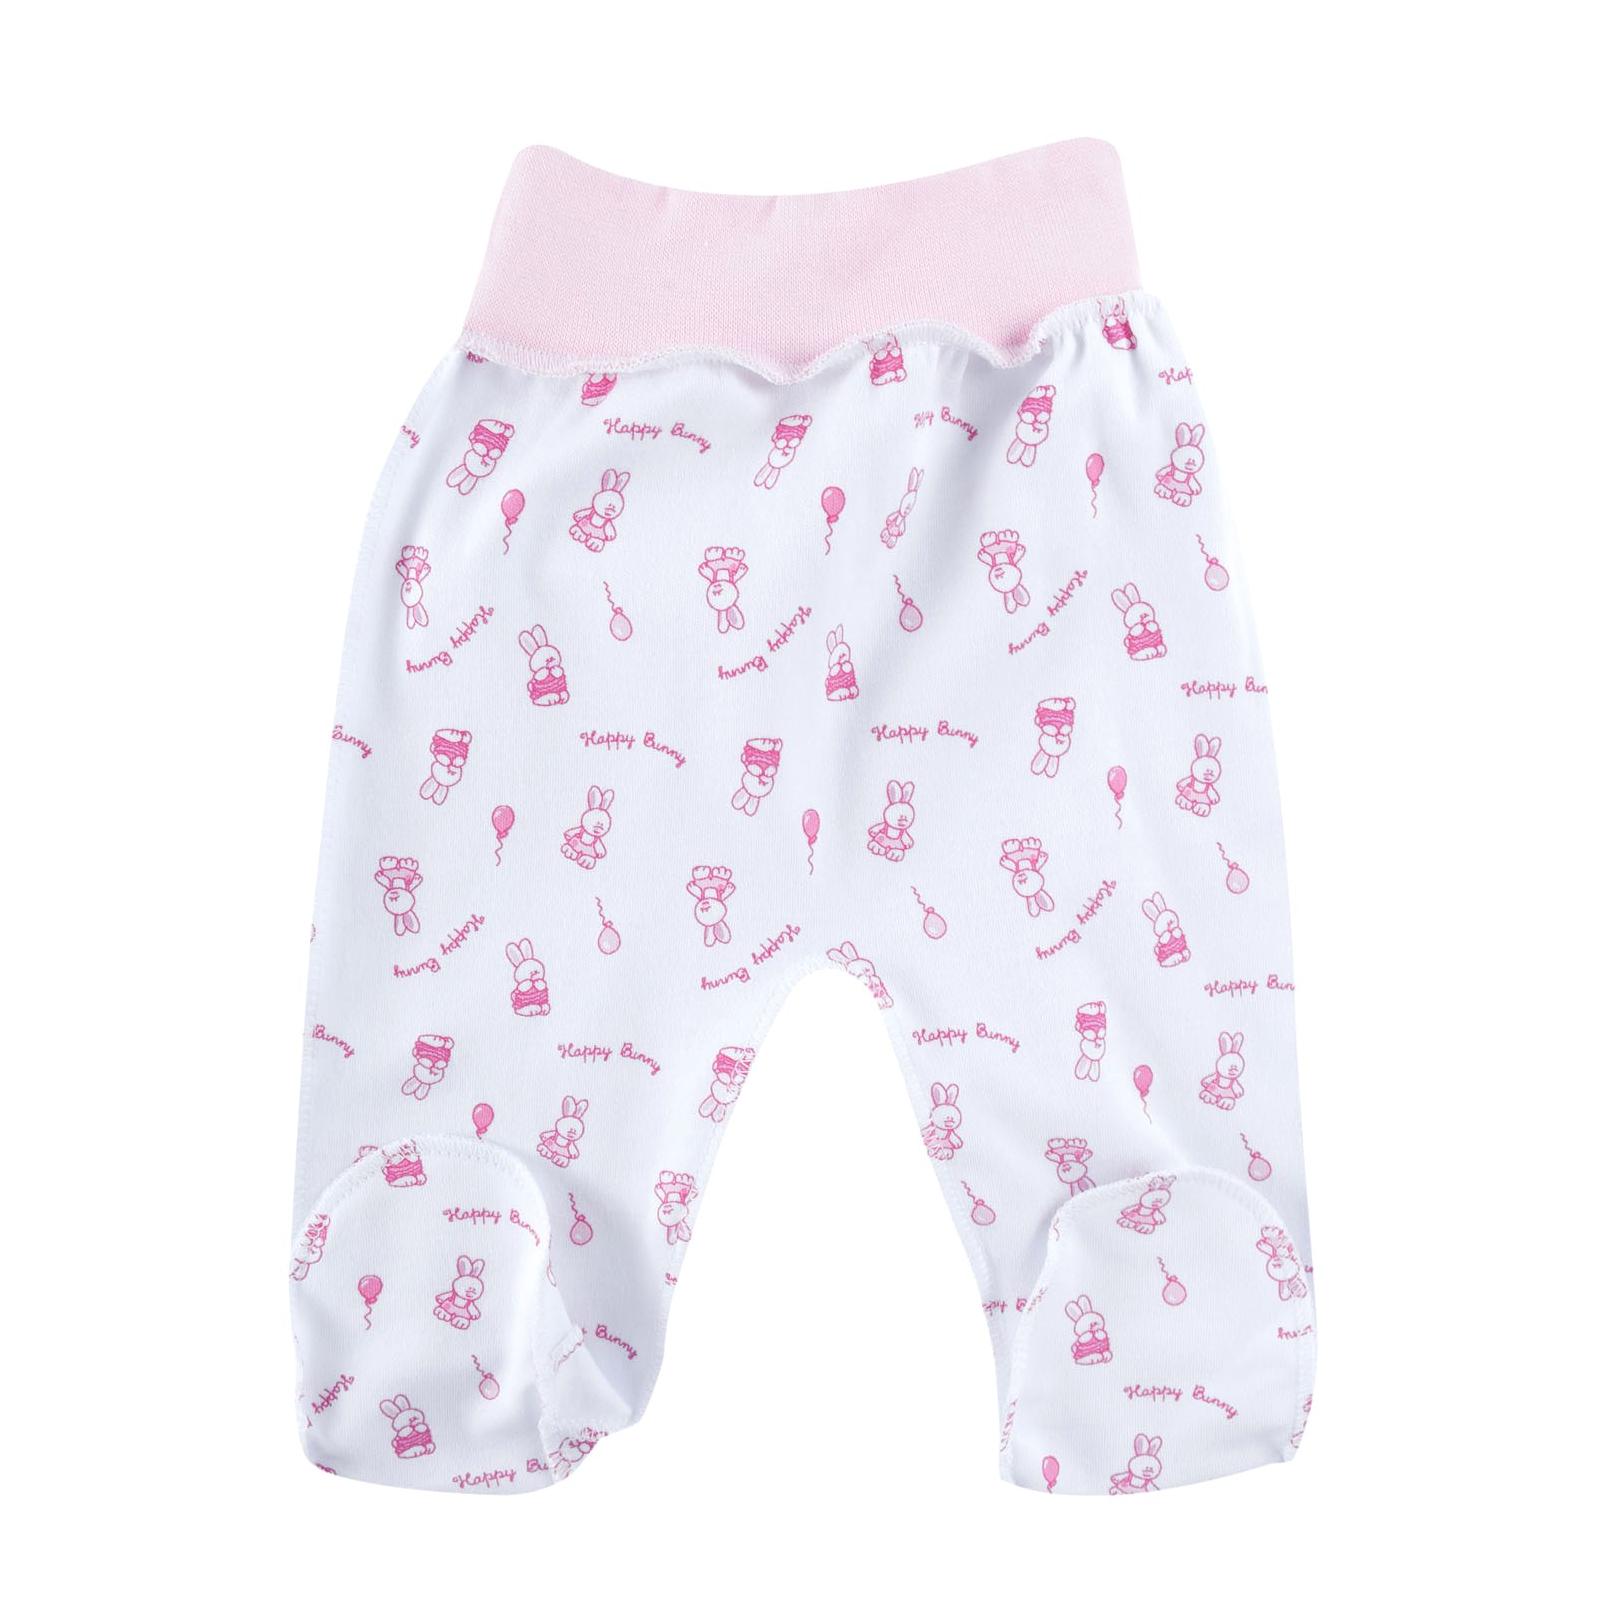 Ползунки на поясе КОТМАРКОТ для девочки, цвет розовый 0-1 мес (размер 56)<br>